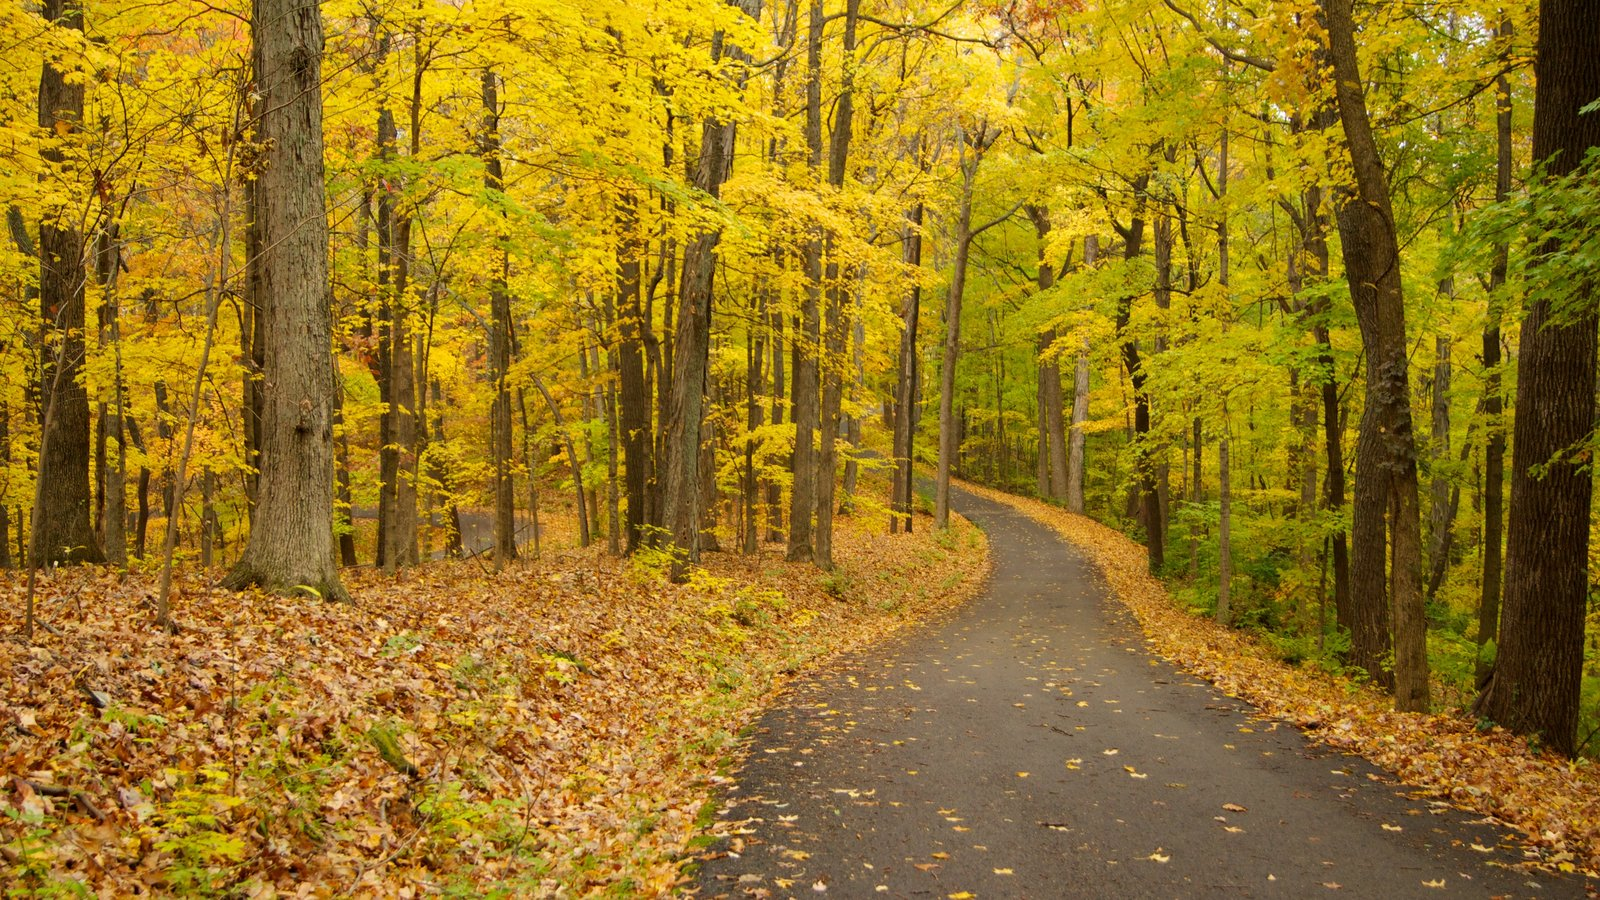 Edwin and Percy Warner Parks ofreciendo un parque, bosques y hojas de otoño